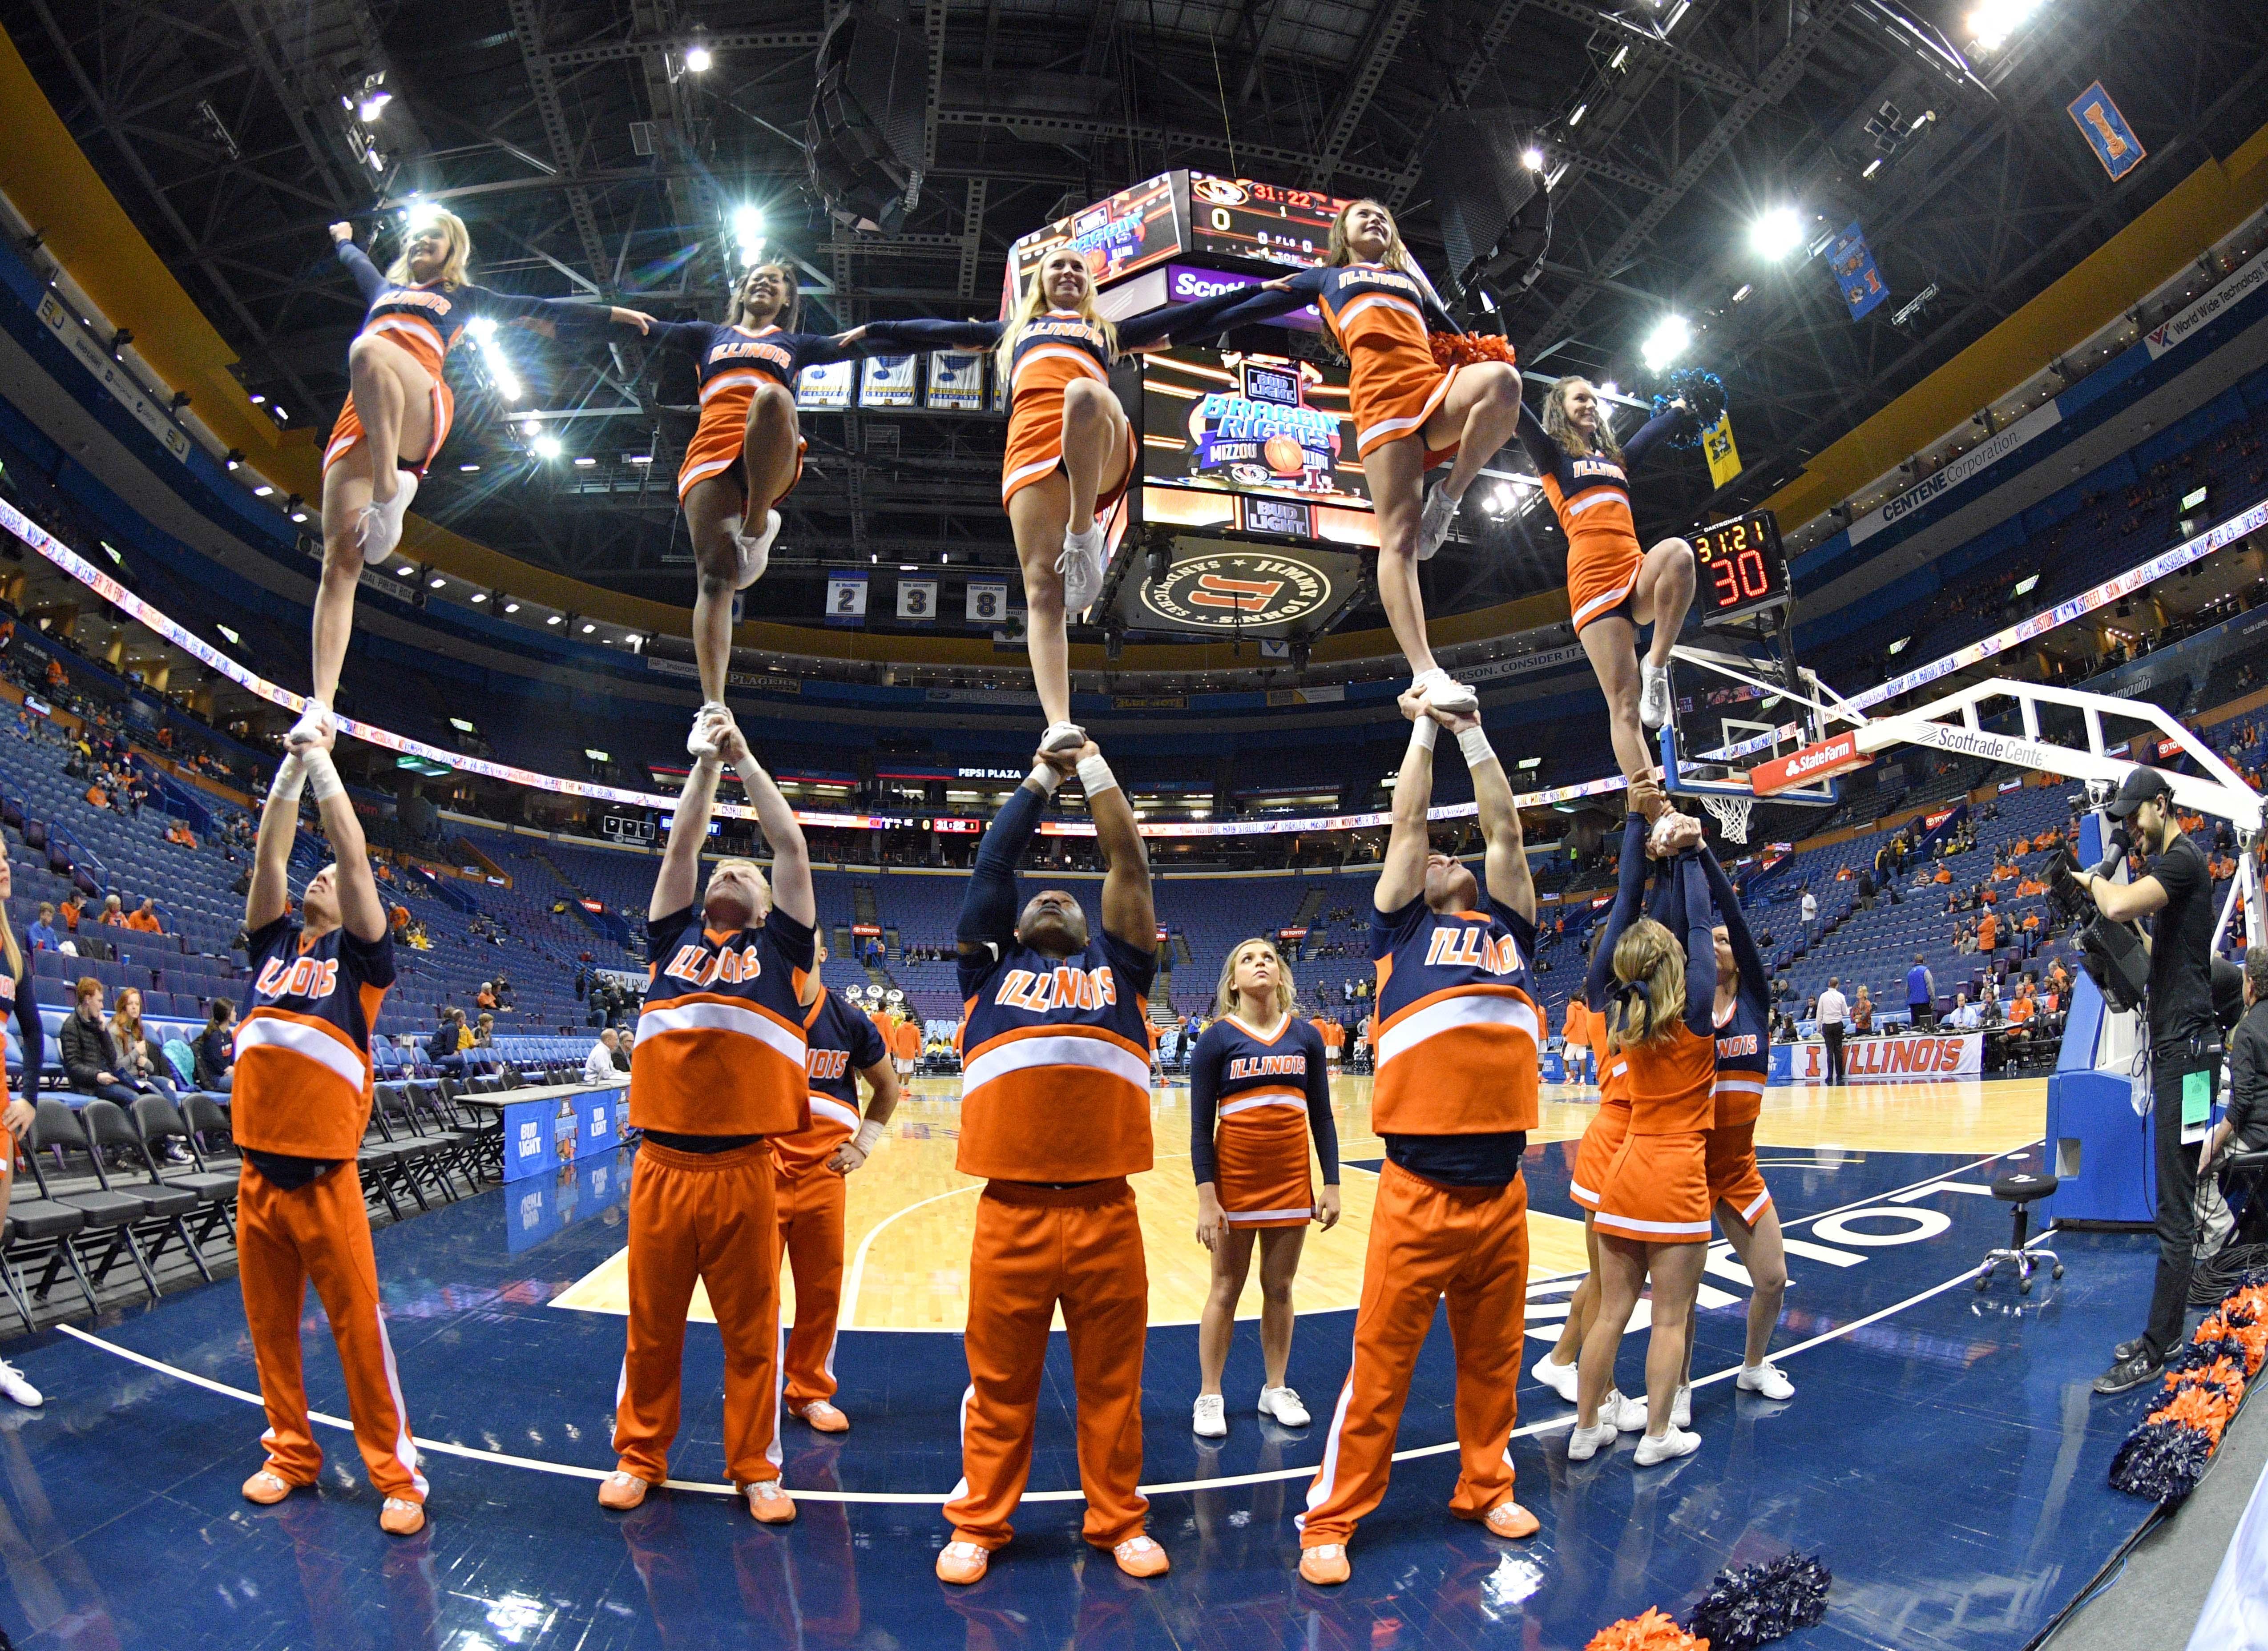 9760591-ncaa-basketball-missouri-vs-illinois